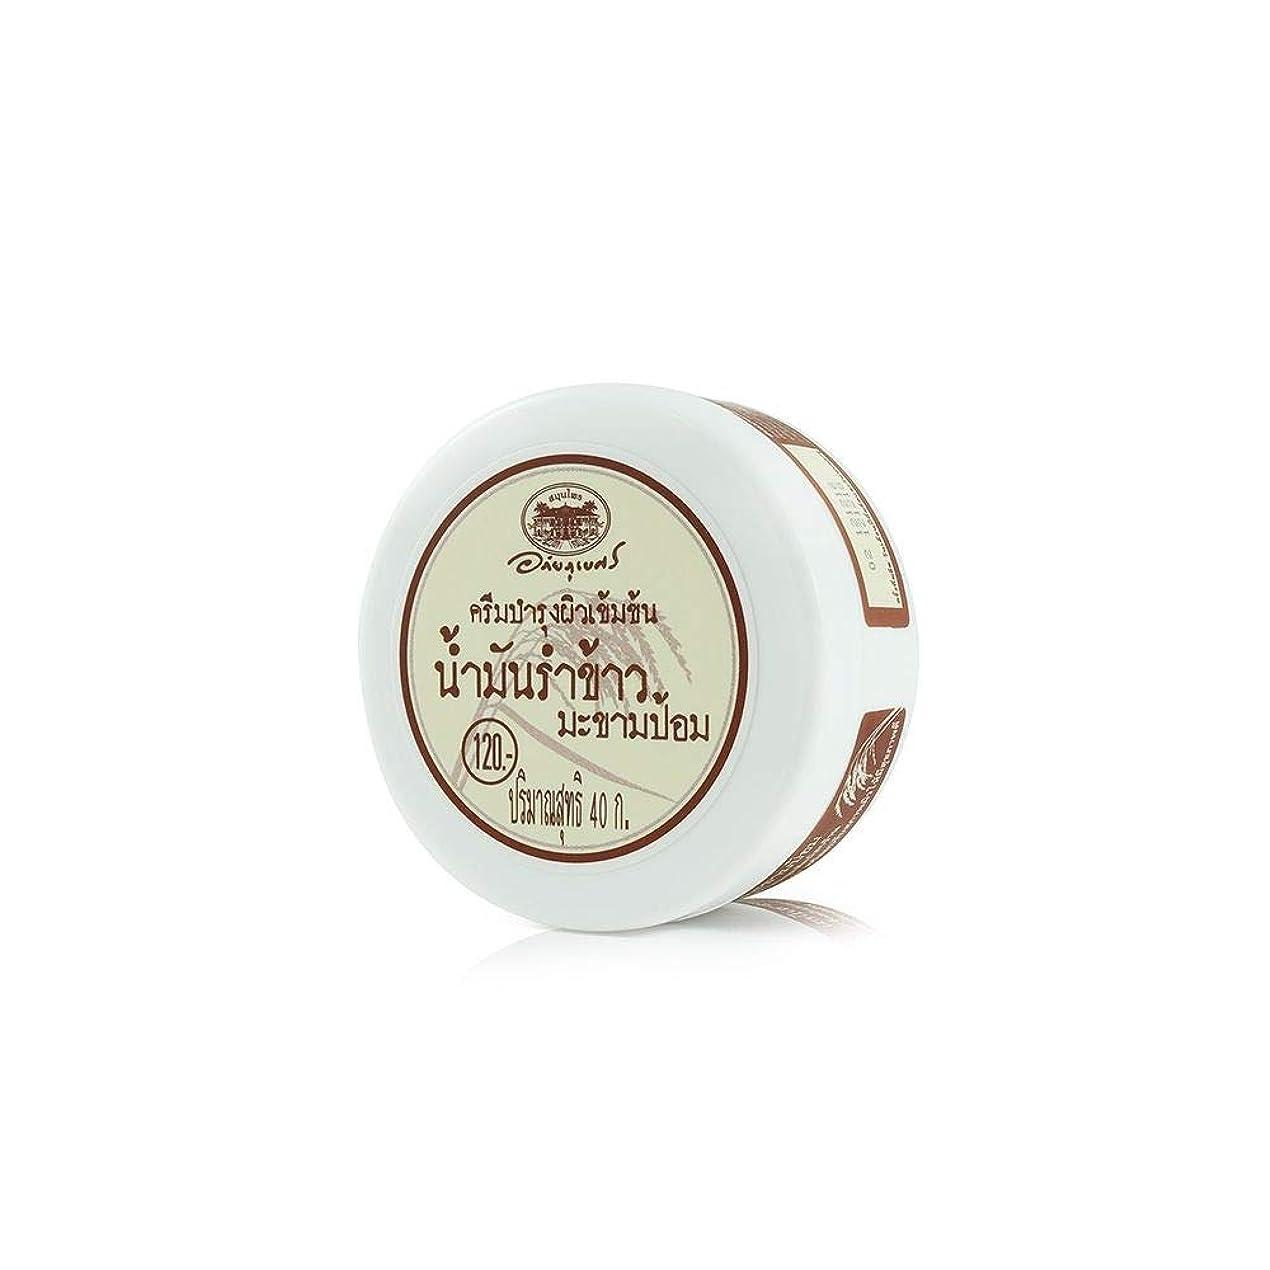 鑑定スラック目の前のAbhaibhubejhr Rice Bran Oil Plus Tamarind Extract Herbal Body Cream 40g. Abhaibhubejhrライスブランオイルプラスタマリンドエクストラクトハーブボディクリーム40g。